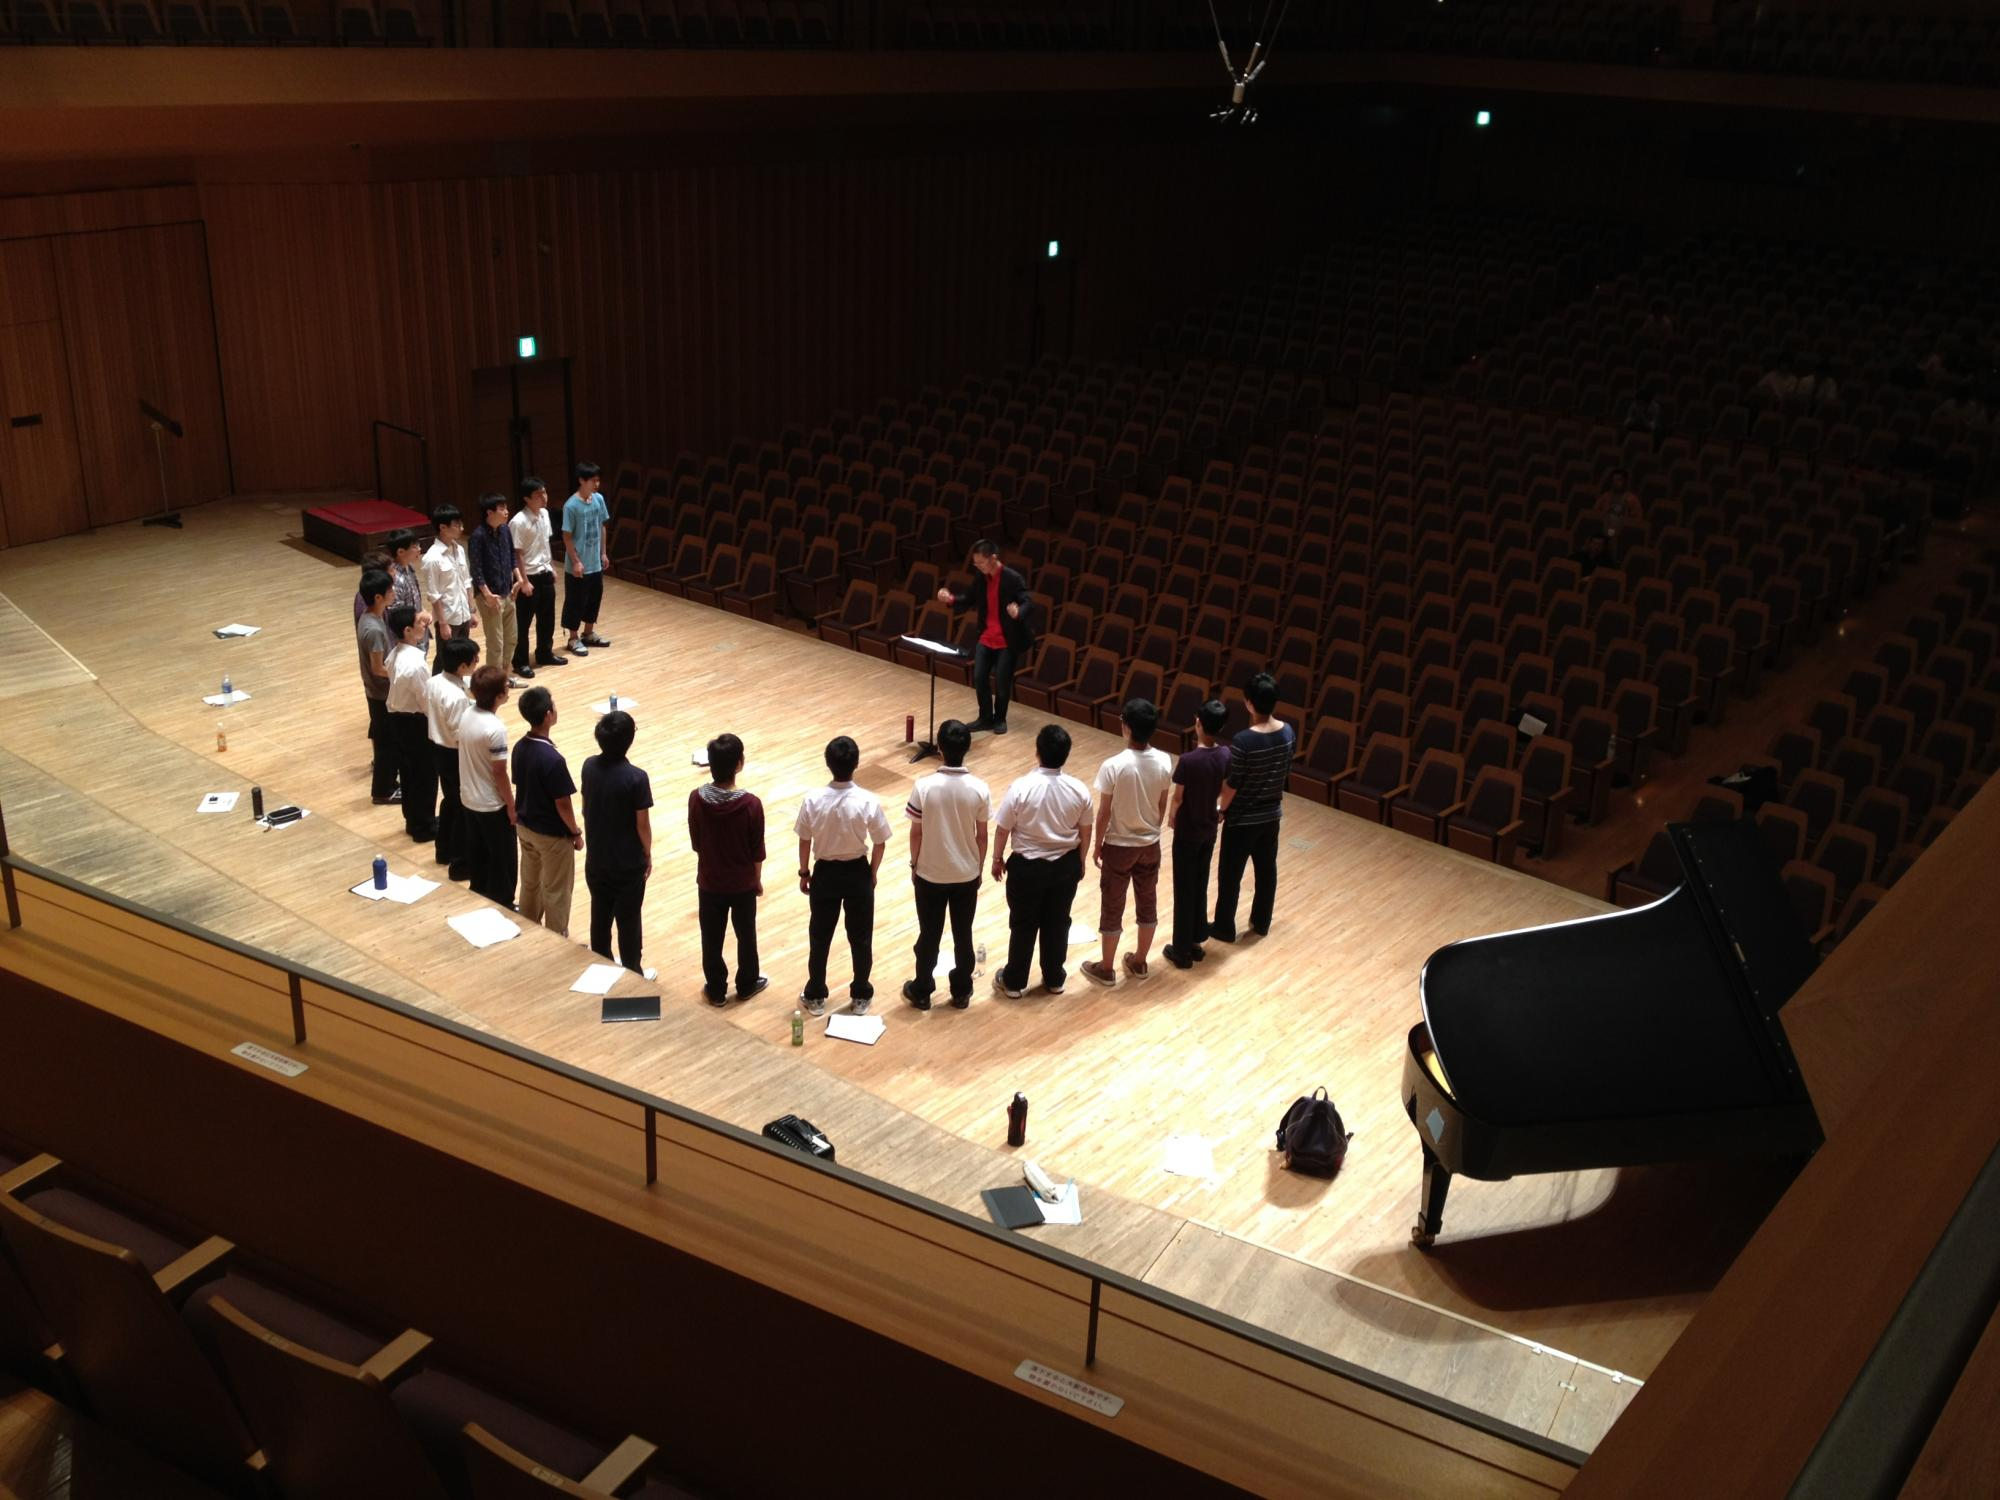 早稲田大学高等学院グリークラブ率いられる笠置英治先生